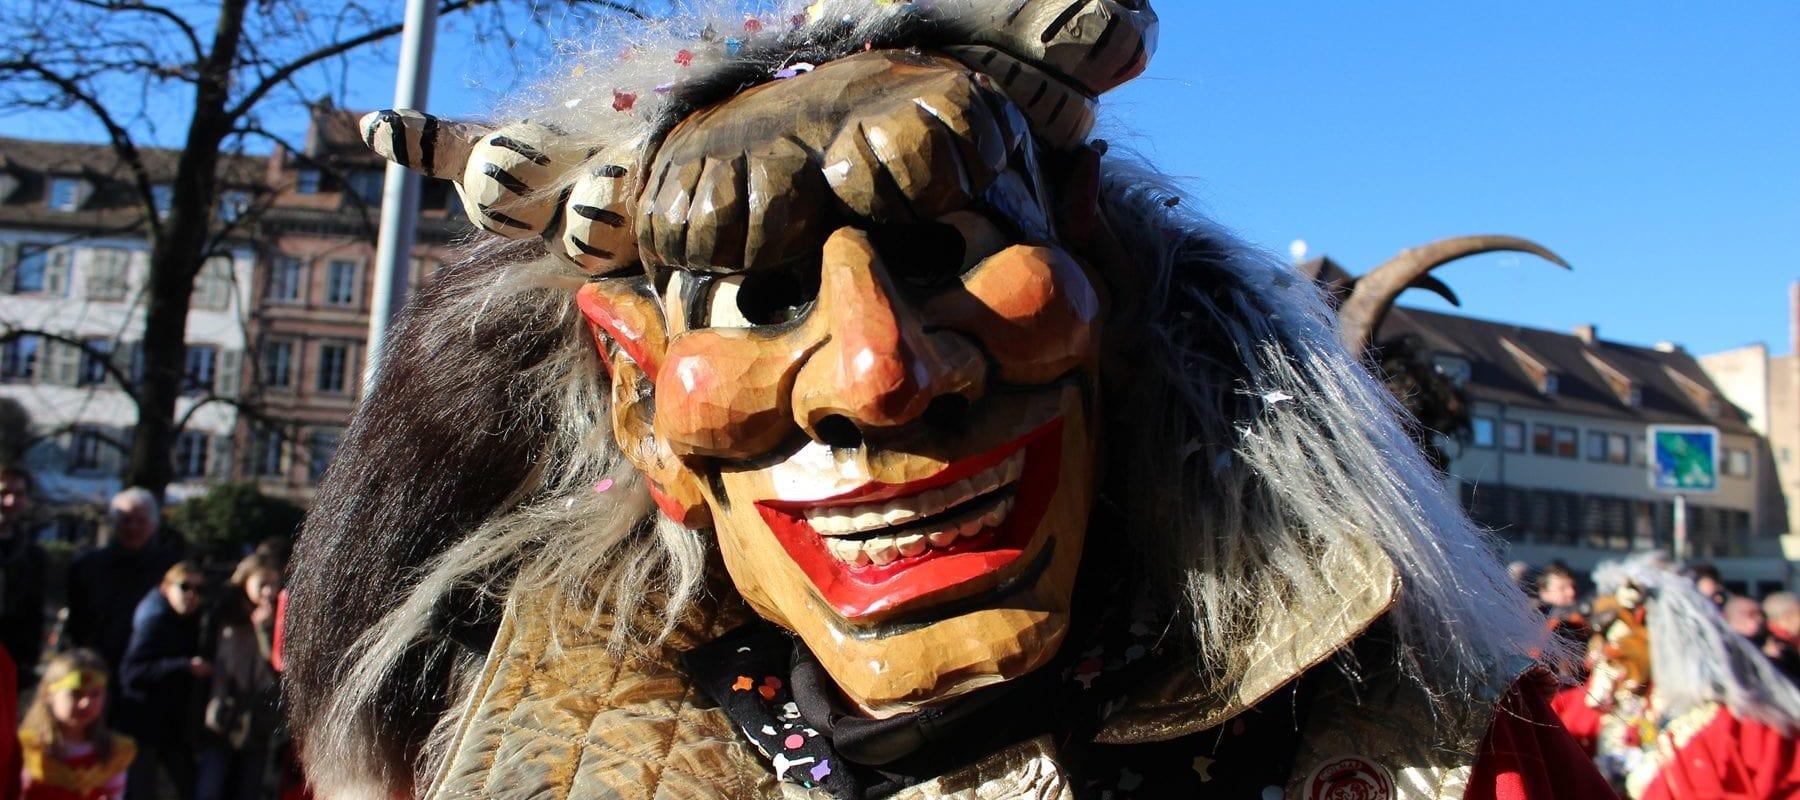 Dimanche, le Carnaval de Strasbourg inaugure un nouveau trajet